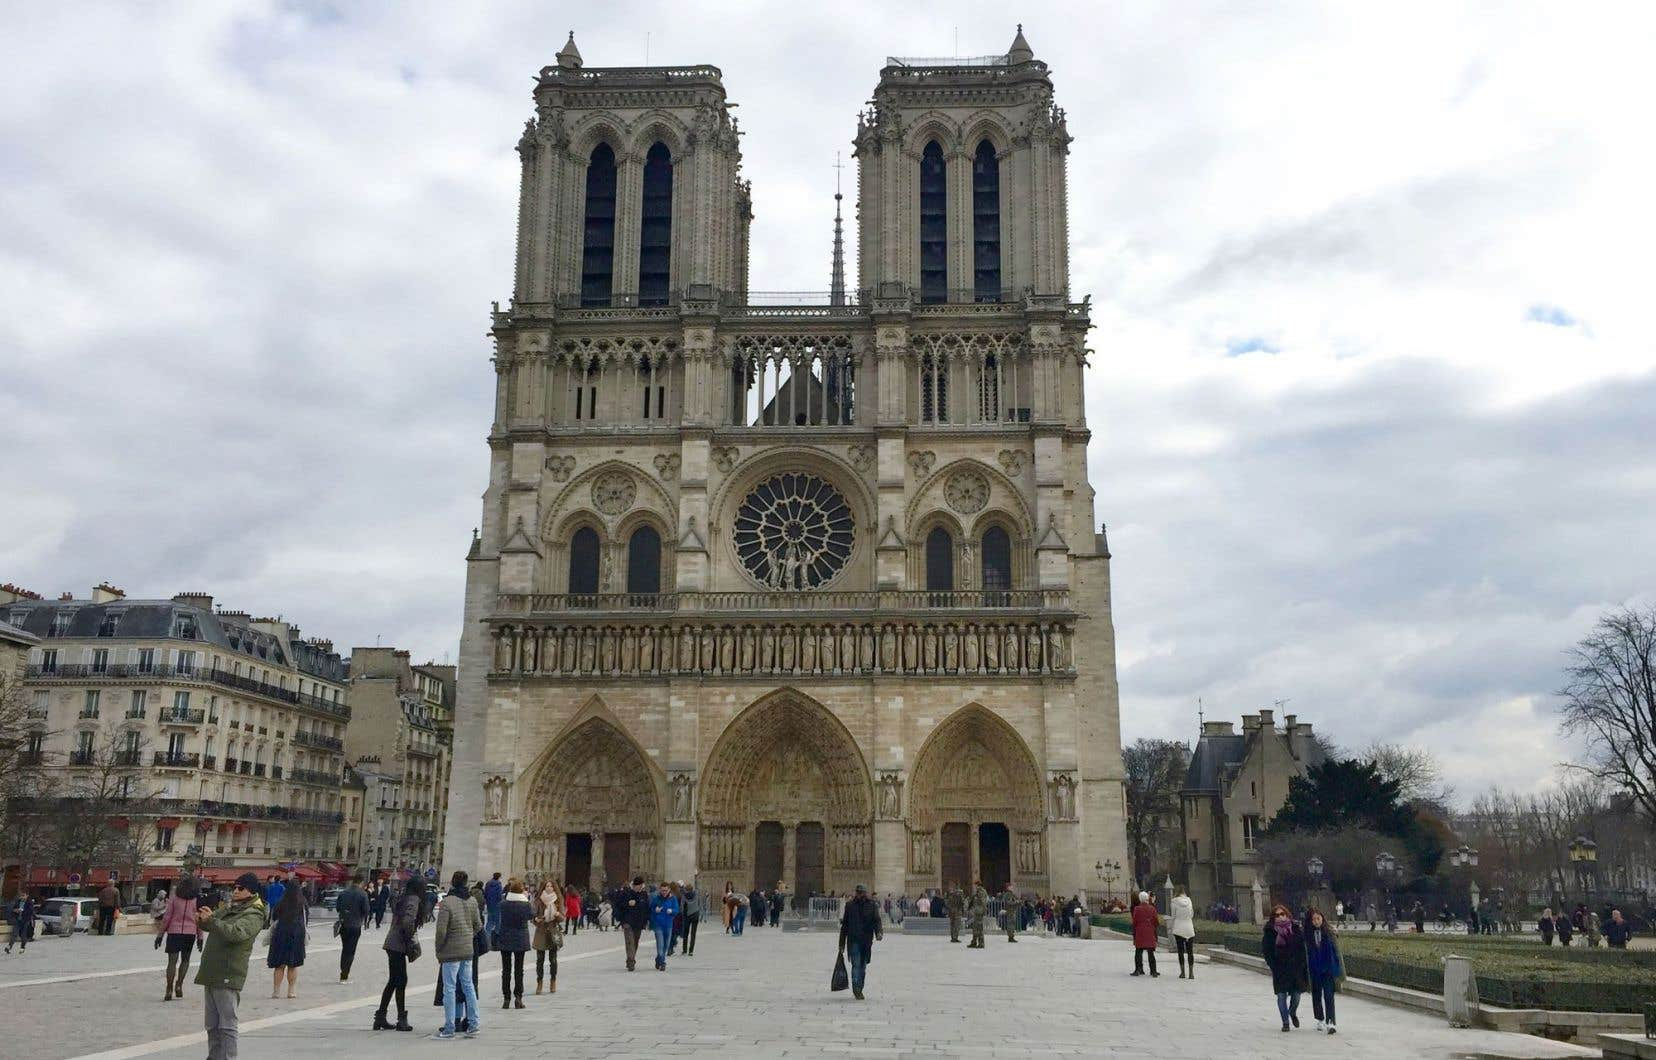 La cathédrale Notre-Dame de Paris, qui a tant inspiré Victor Hugo, est l'un des monuments les plus emblématiques de Paris.